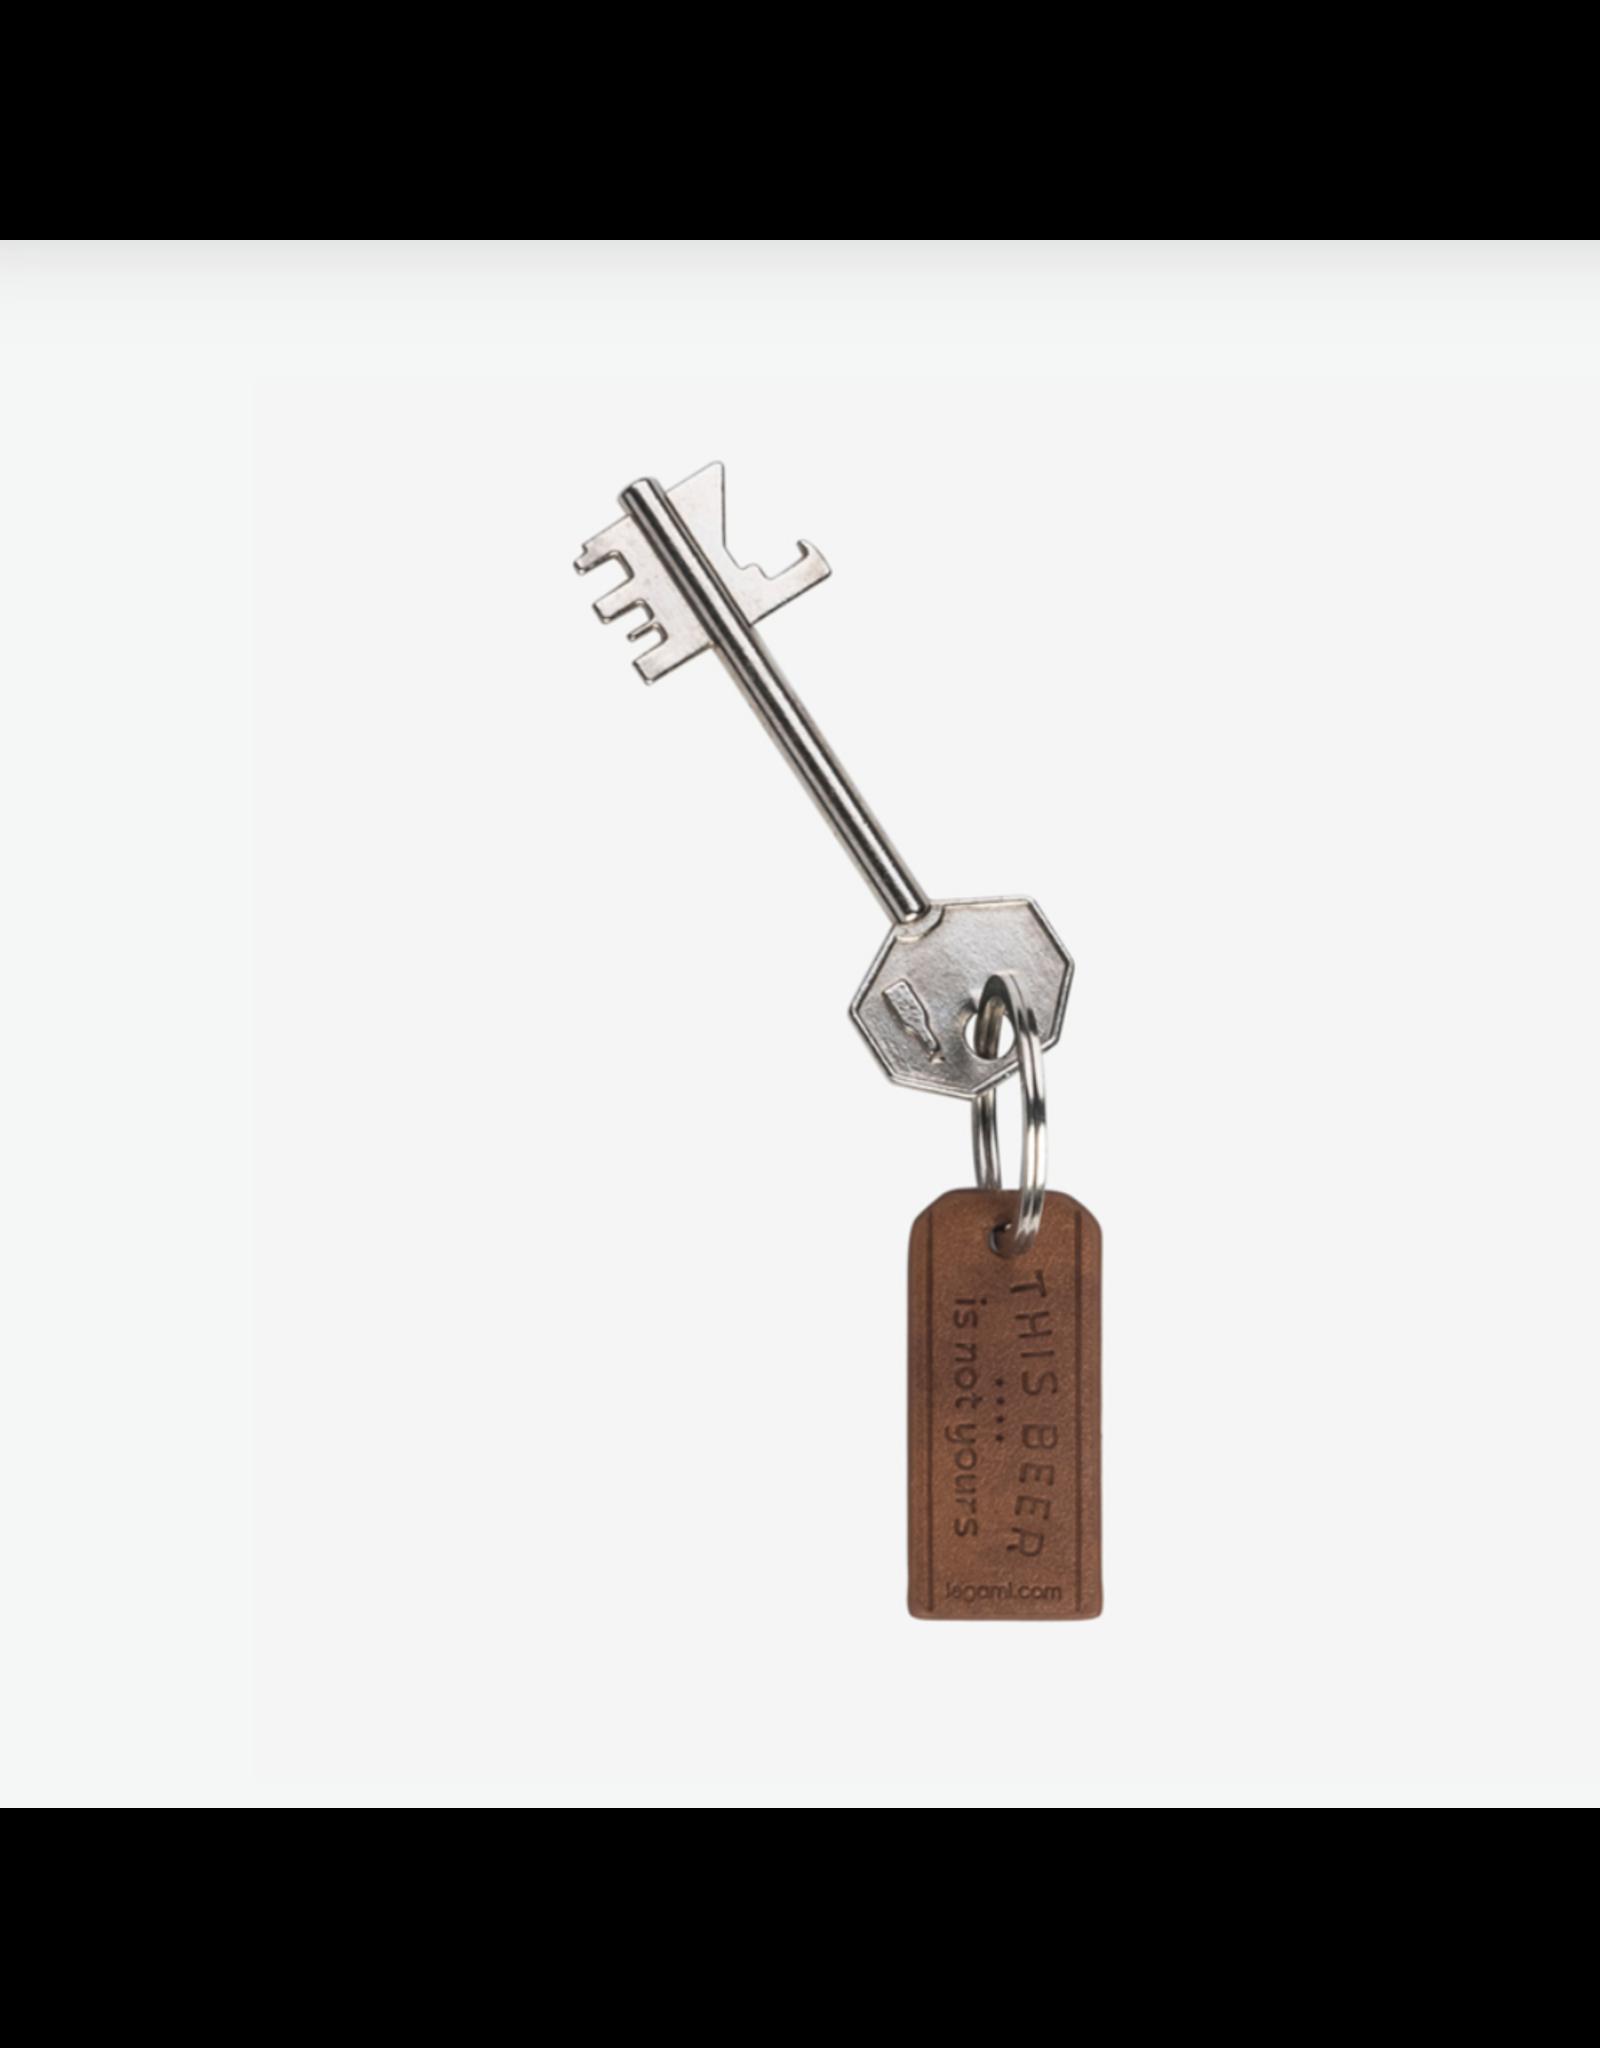 Legami sleutelhanger - sos pop - flesopener